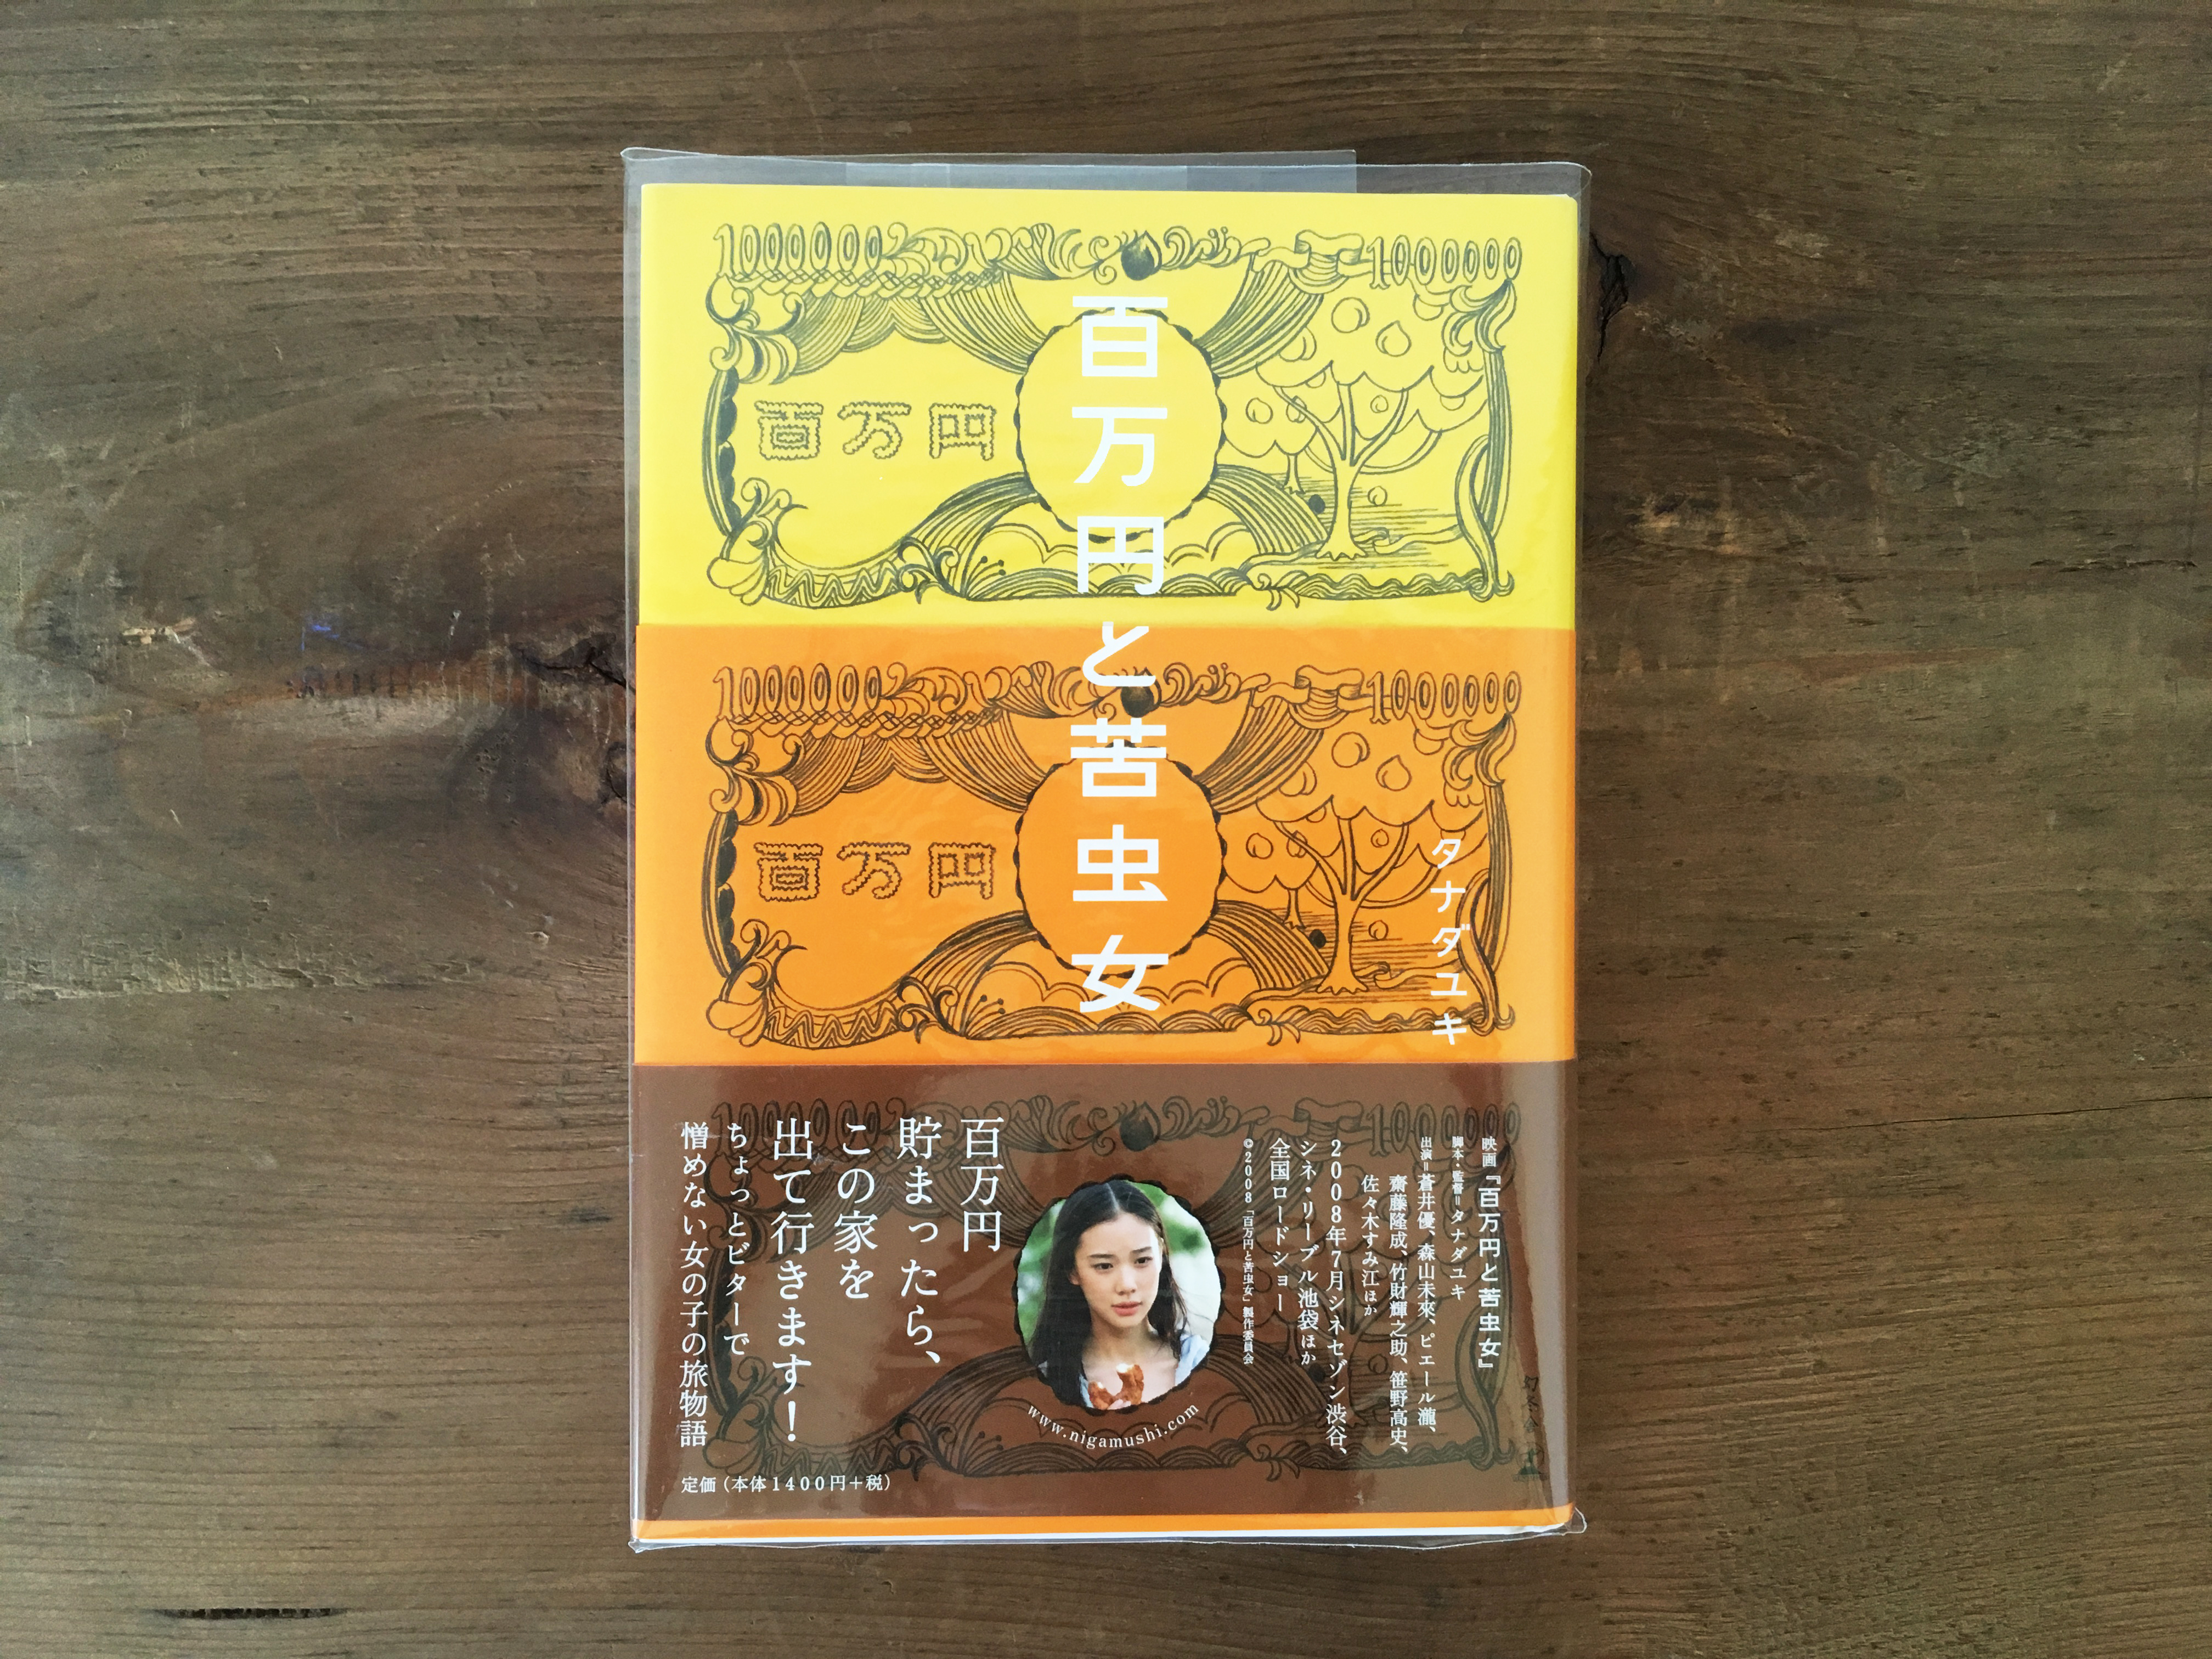 [古本]百万円と苦虫女 / タナダユキ